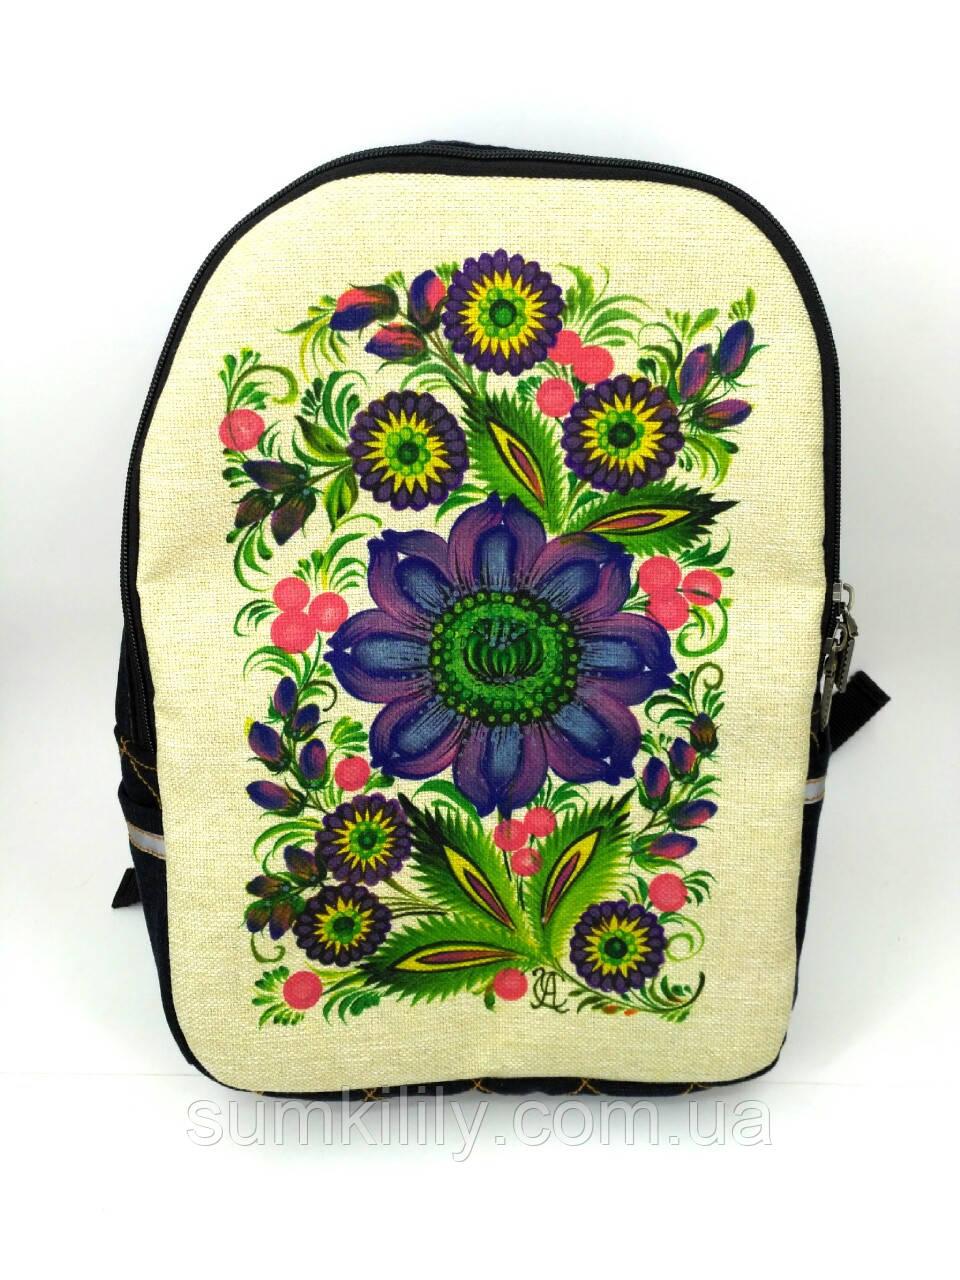 Джинсовый рюкзак Загадка